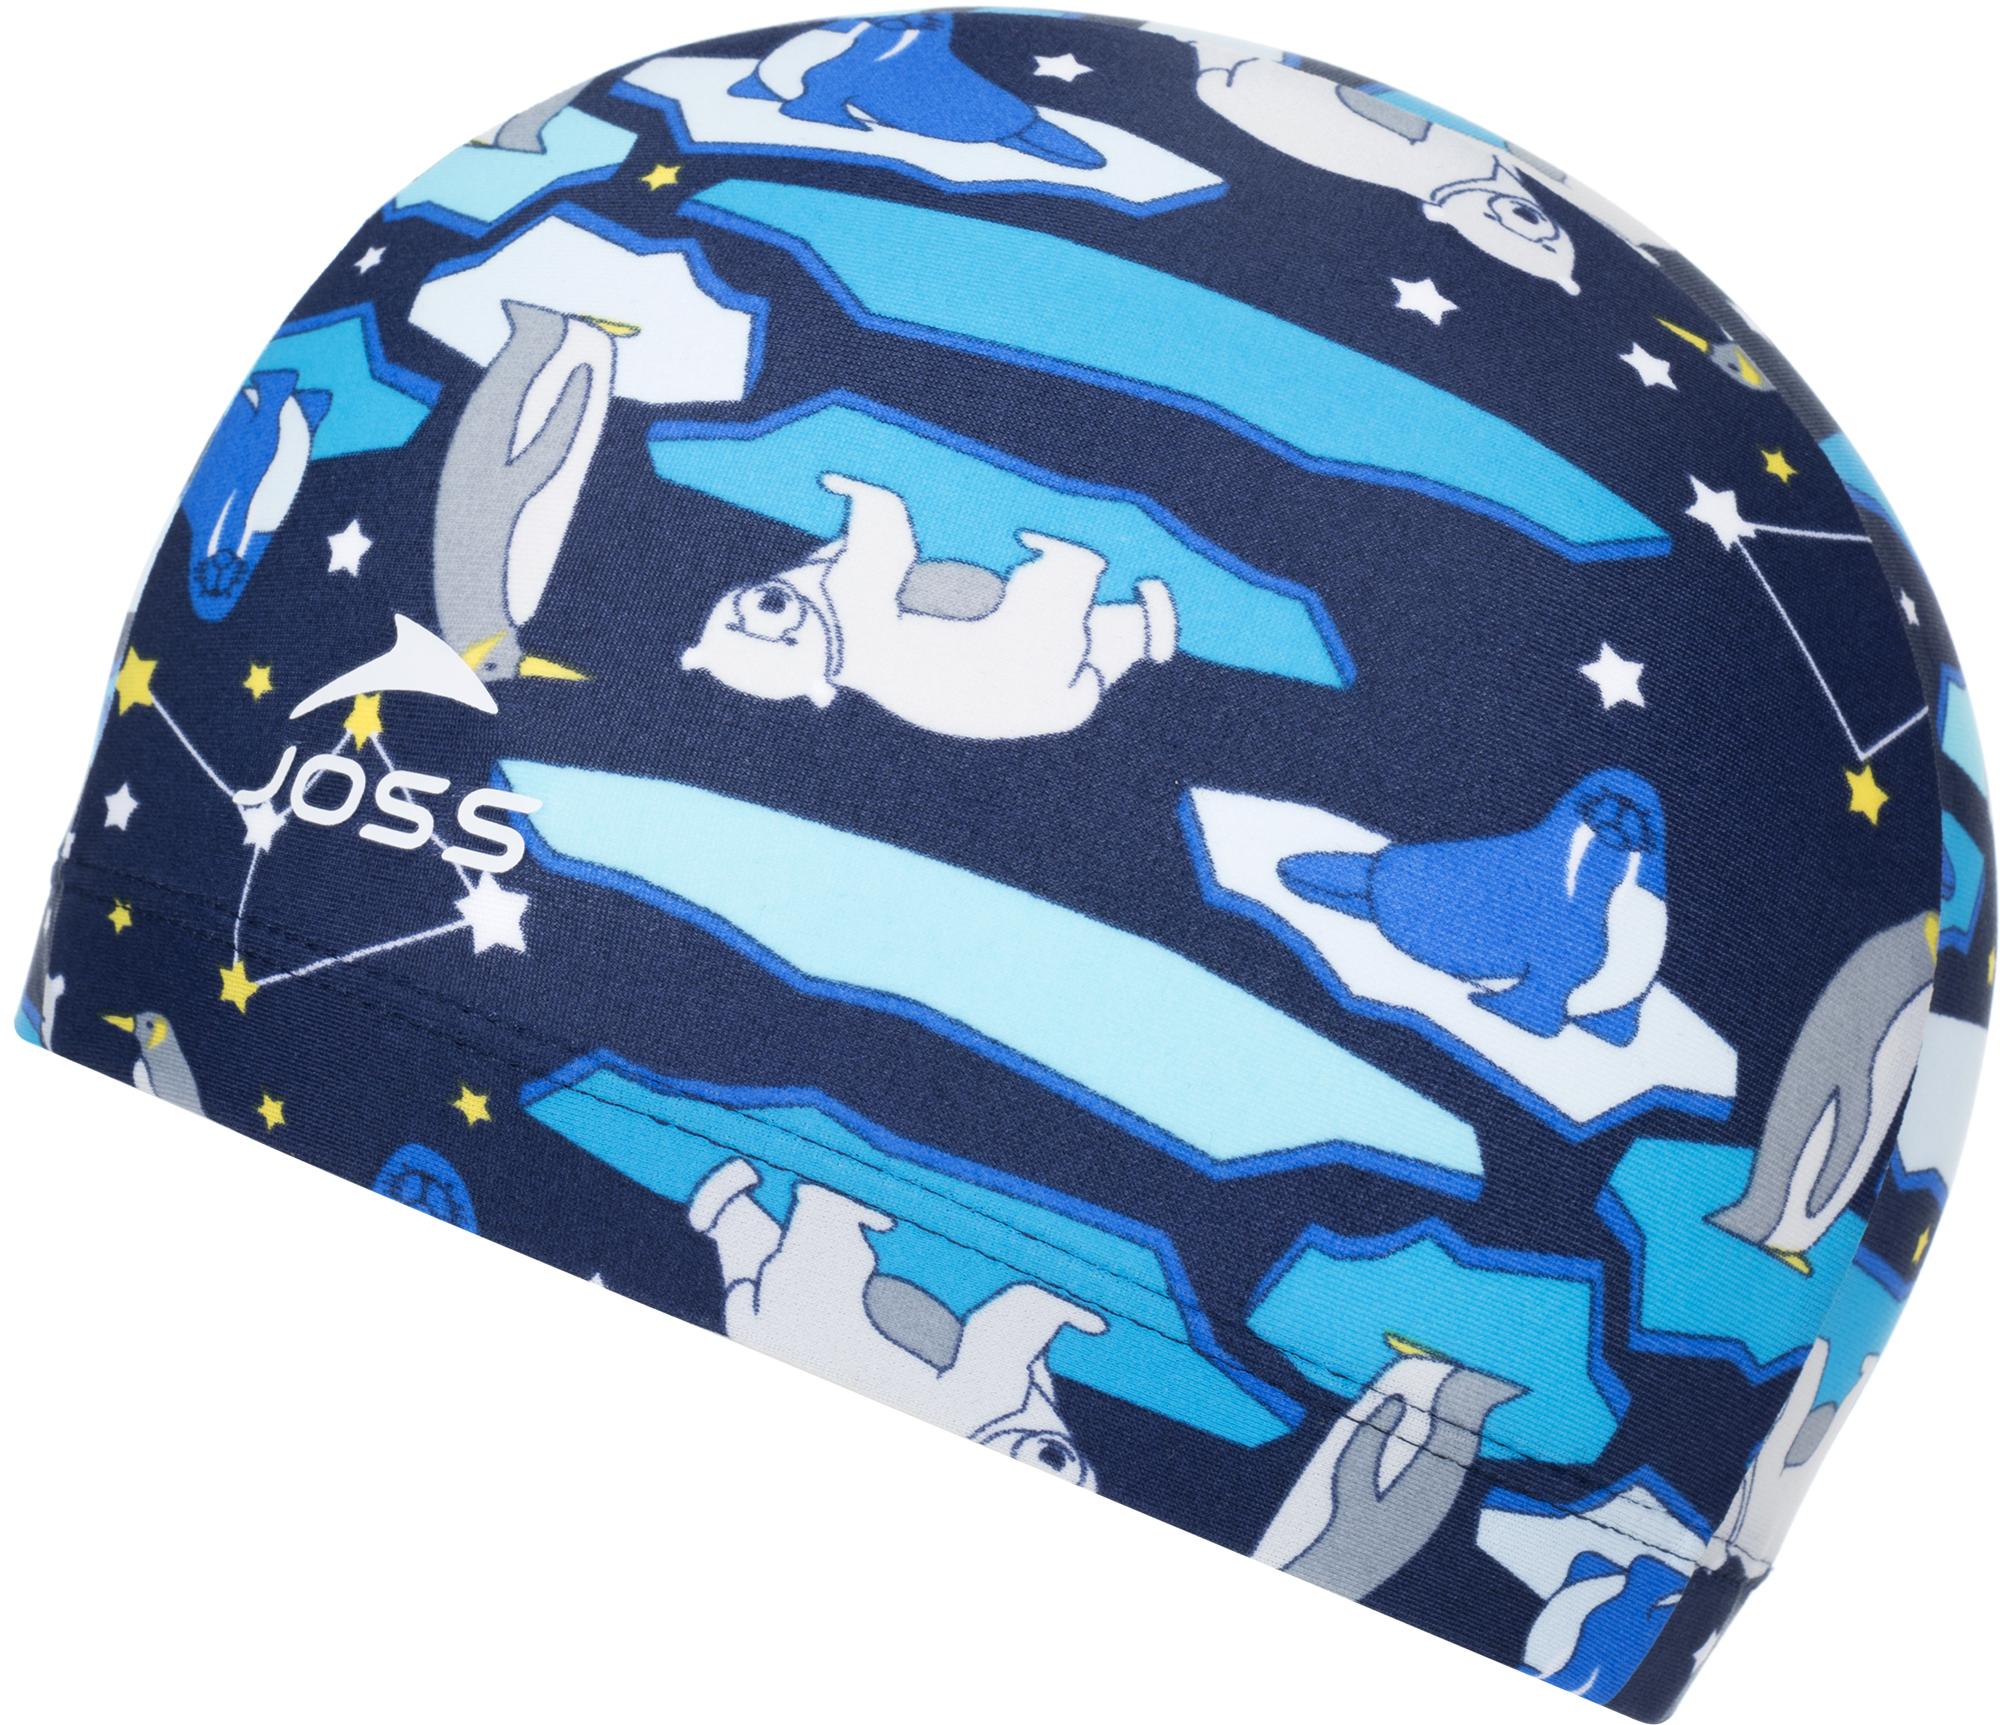 Joss Шапочка для плавания для мальчиков Joss шапочка спортивная детская